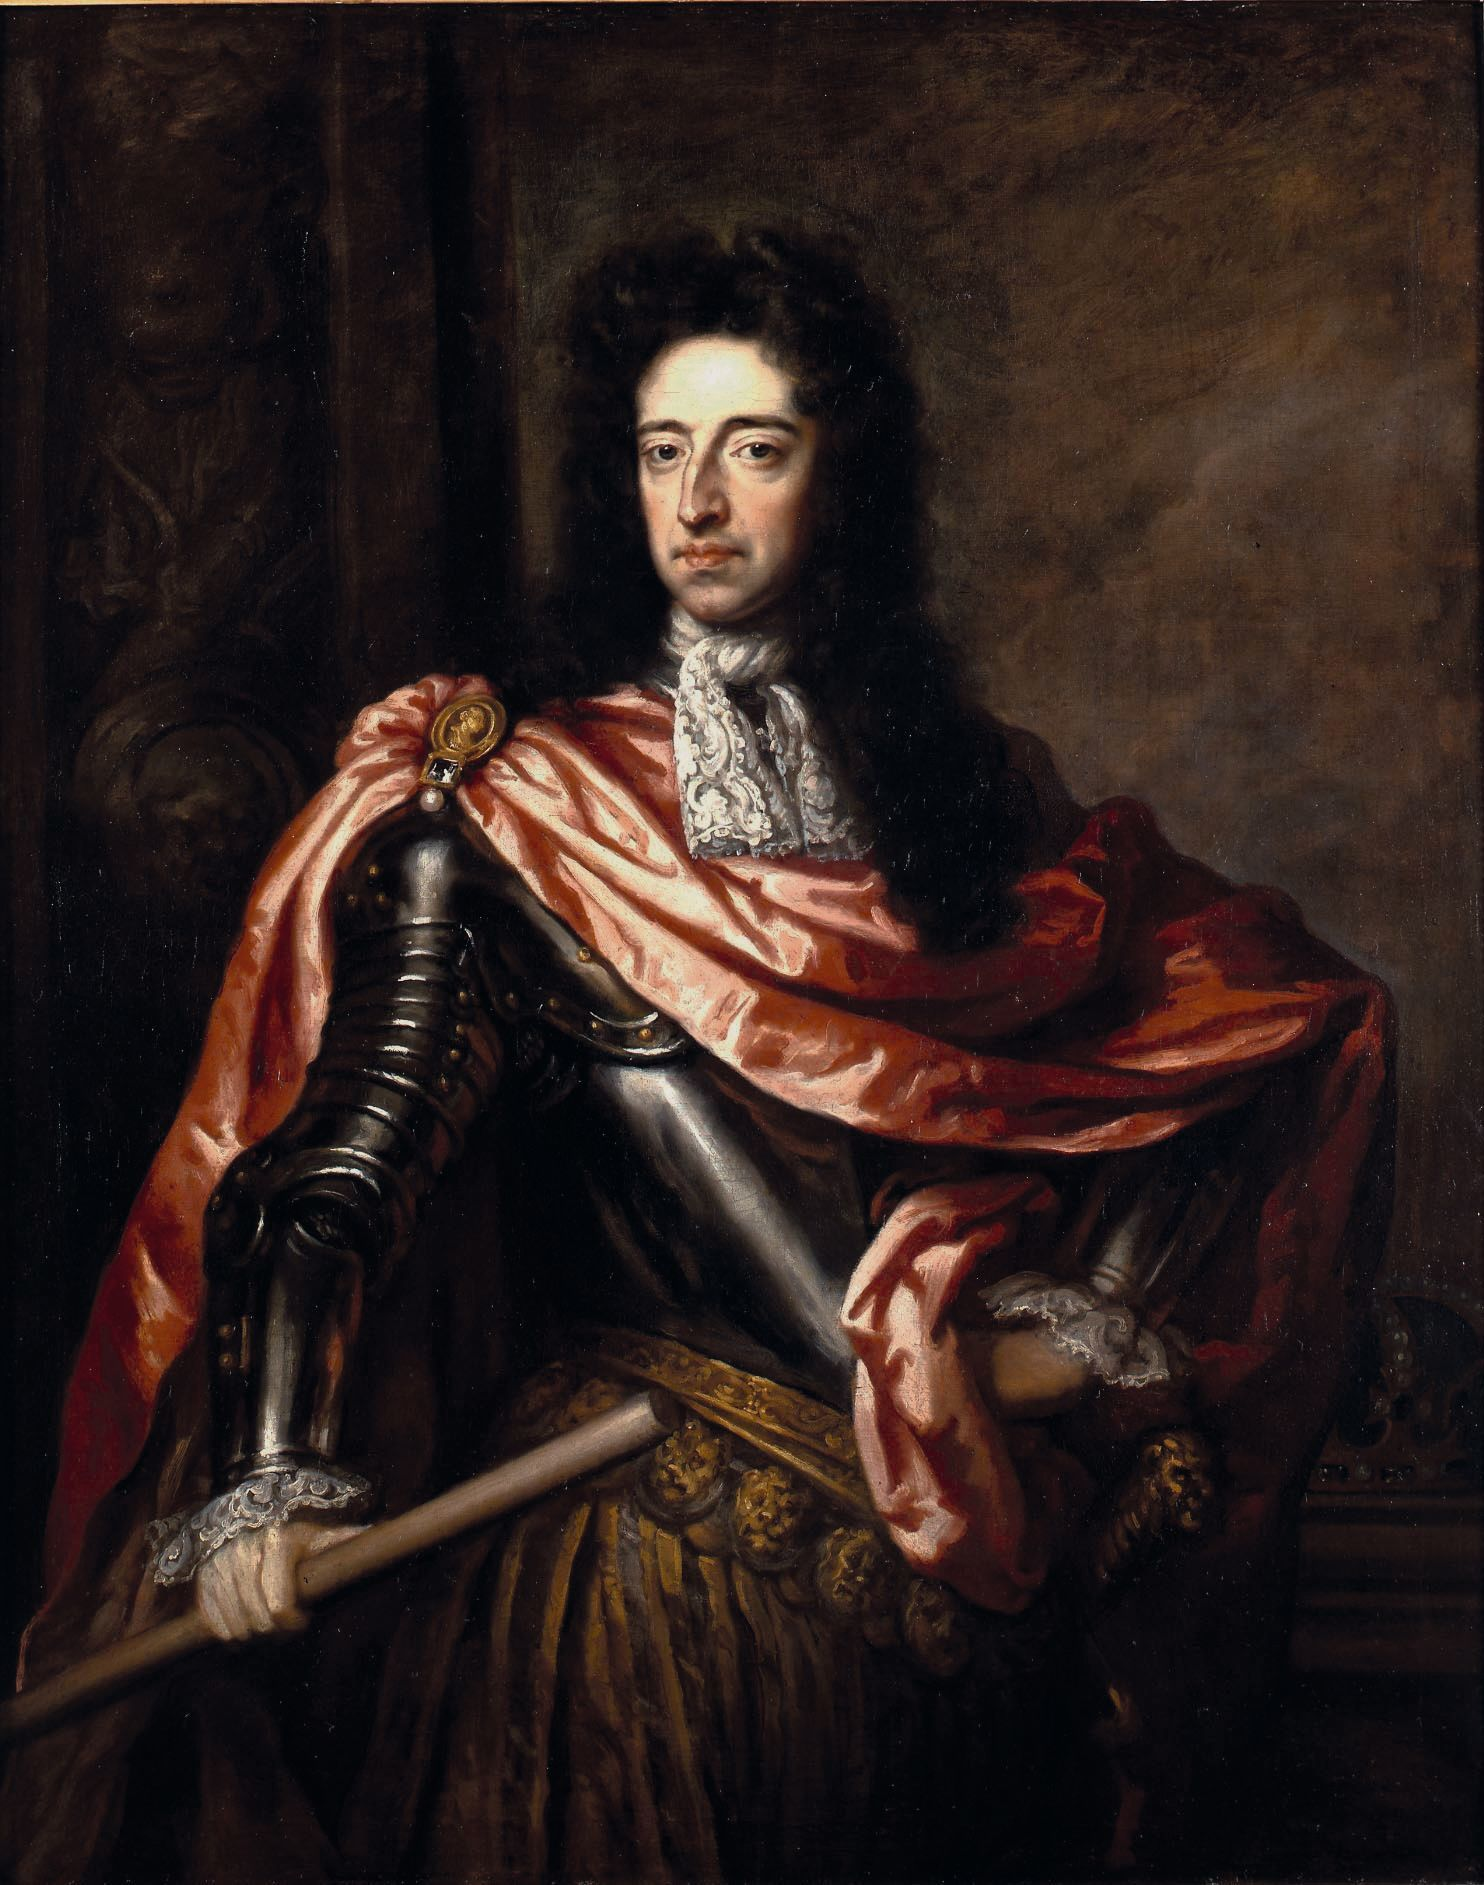 Godfrey Kneller, Portrait de Guillaume III, 1689, huile sur toile